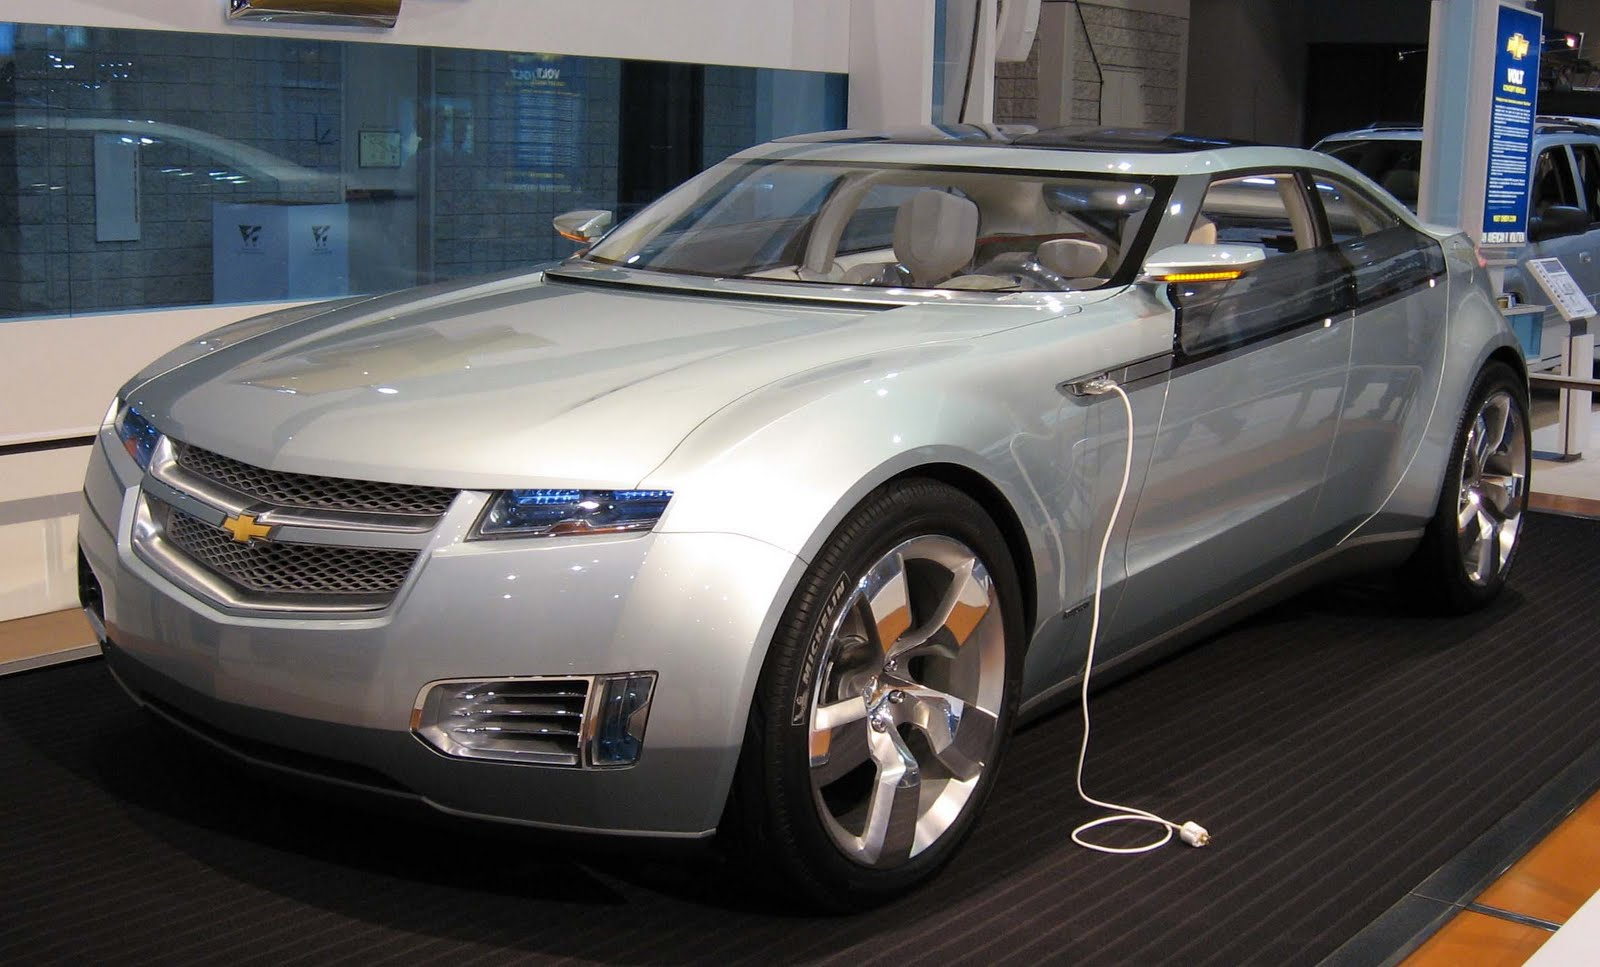 Ma Sales Tax On Cars >> Sufiy Evs Mass Market 10k Electric Car Tax Break